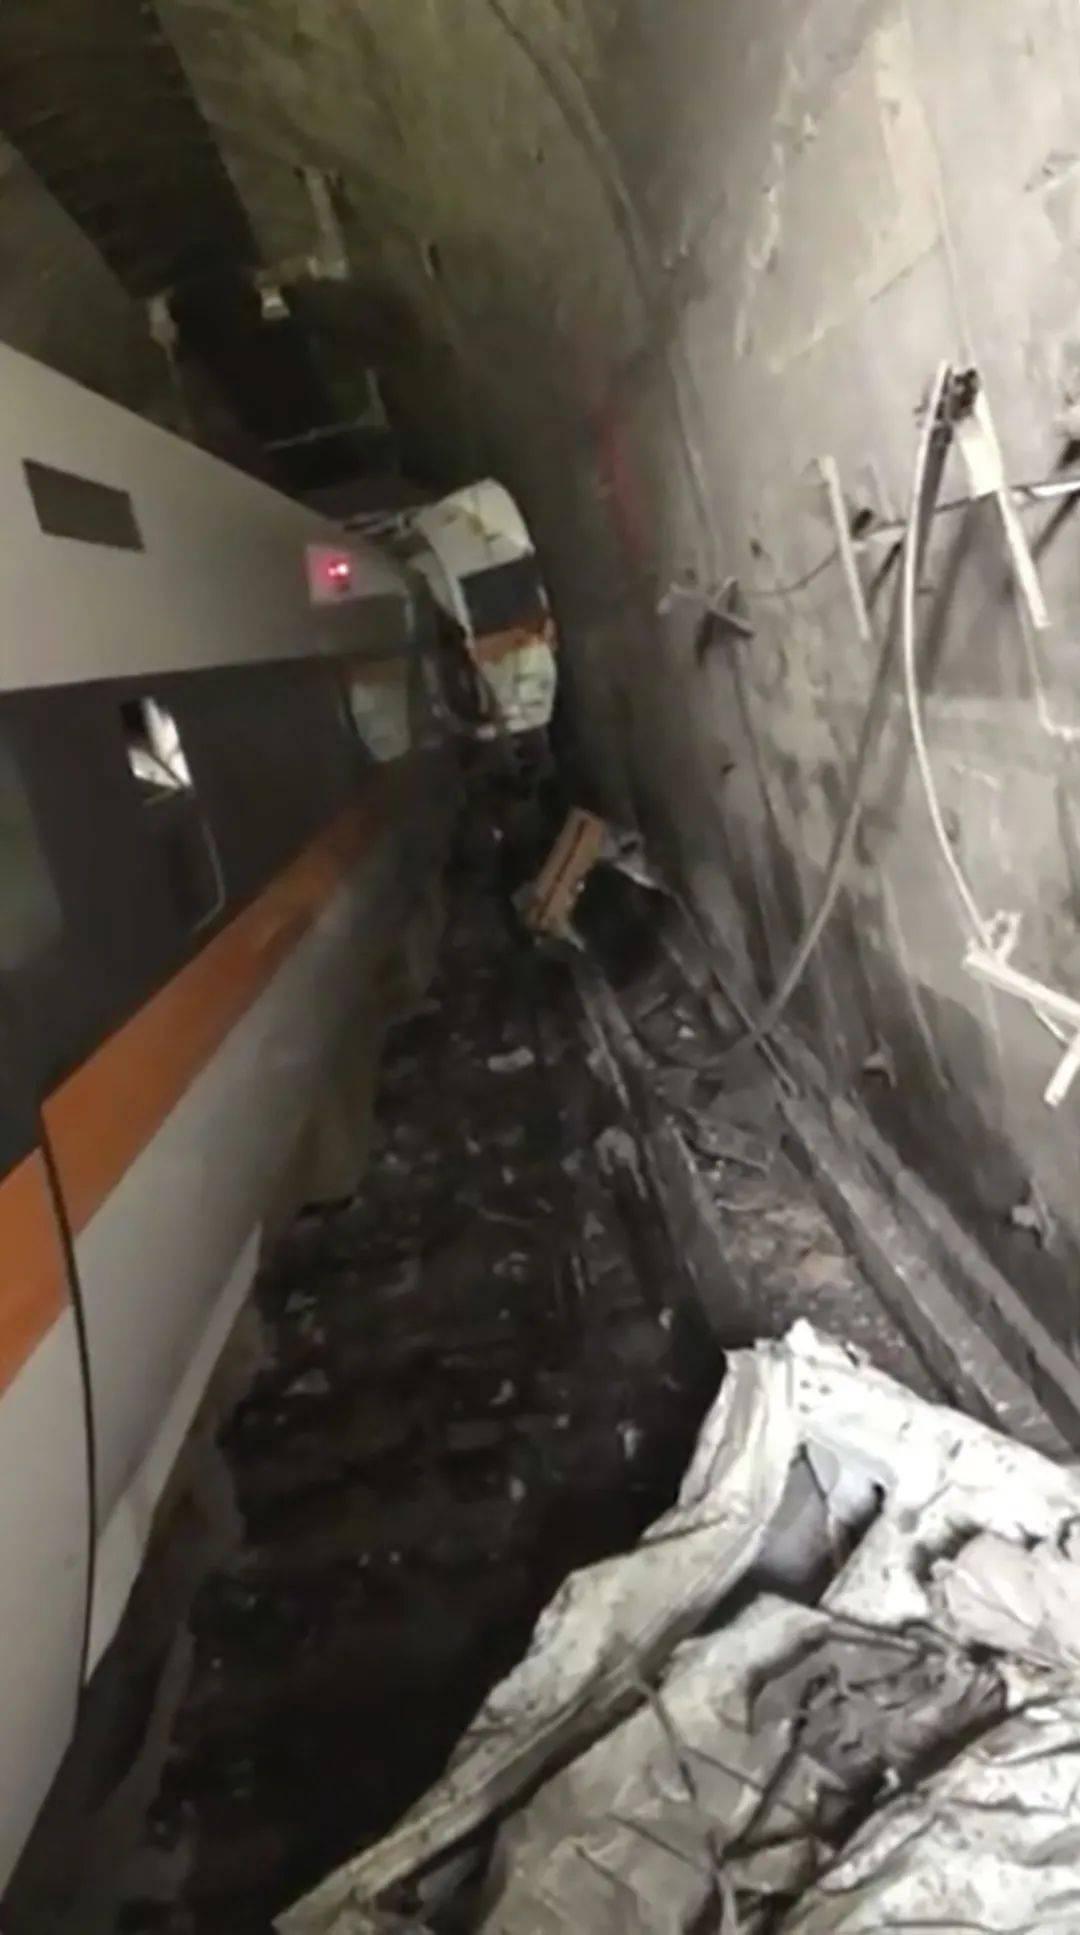 台铁列车事故驾驶视角曝光:突发情况很难紧急刹车